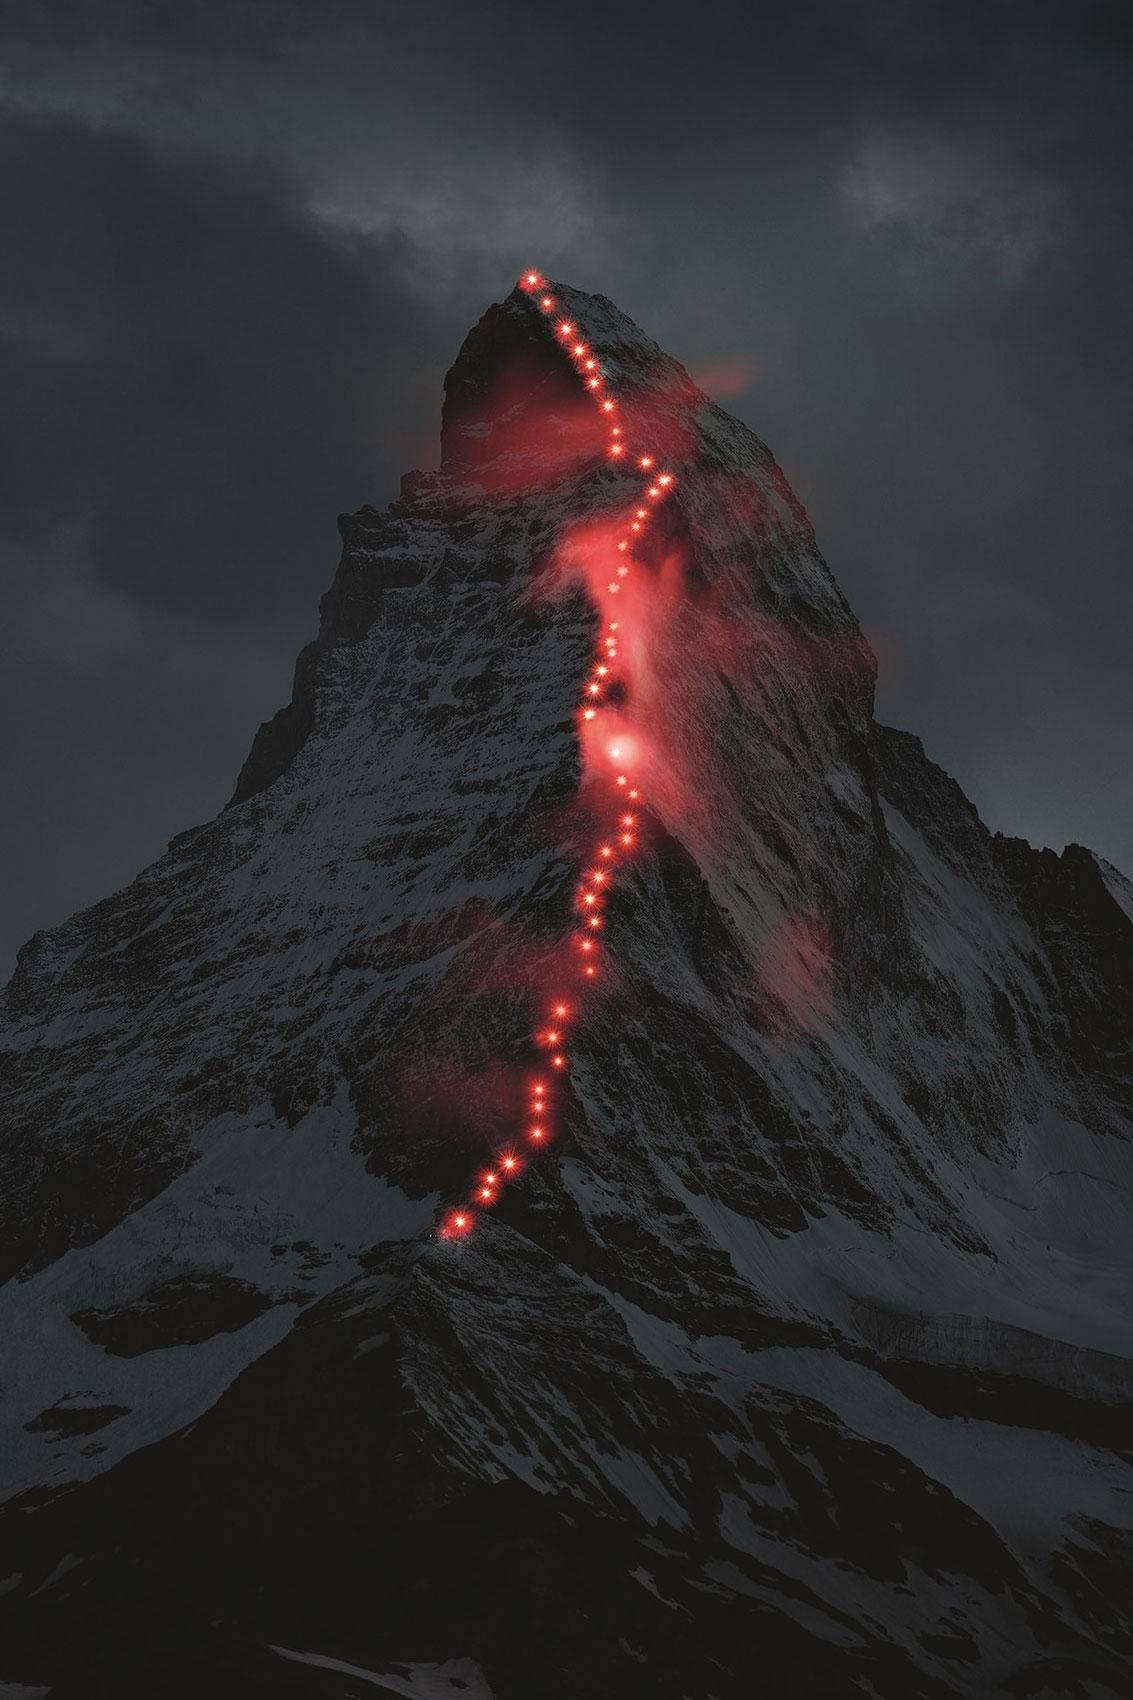 Лампы освещают путь первого восхождения на знаменитую гору Маттерхорн, в Церматте, Швейцария, в конце среды, 8 июля 2015 года.